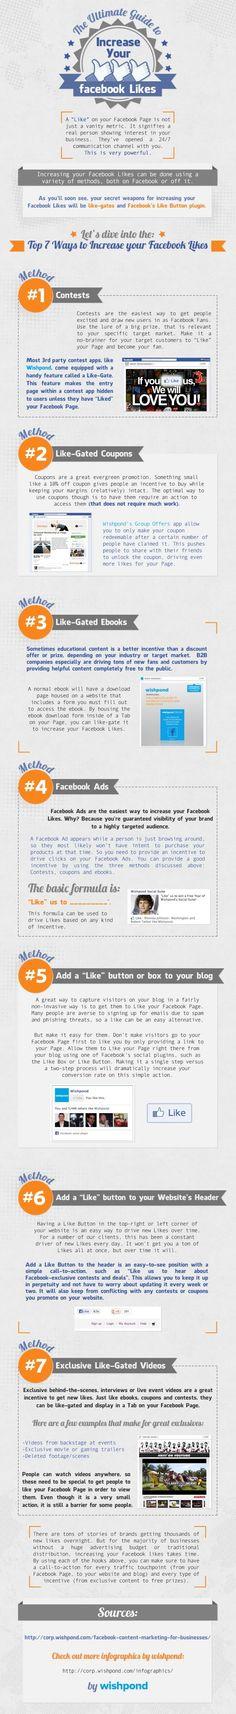 7 Façons d'Obtenir des J'aime pour votre Page Facebook #socialmedia #facebook